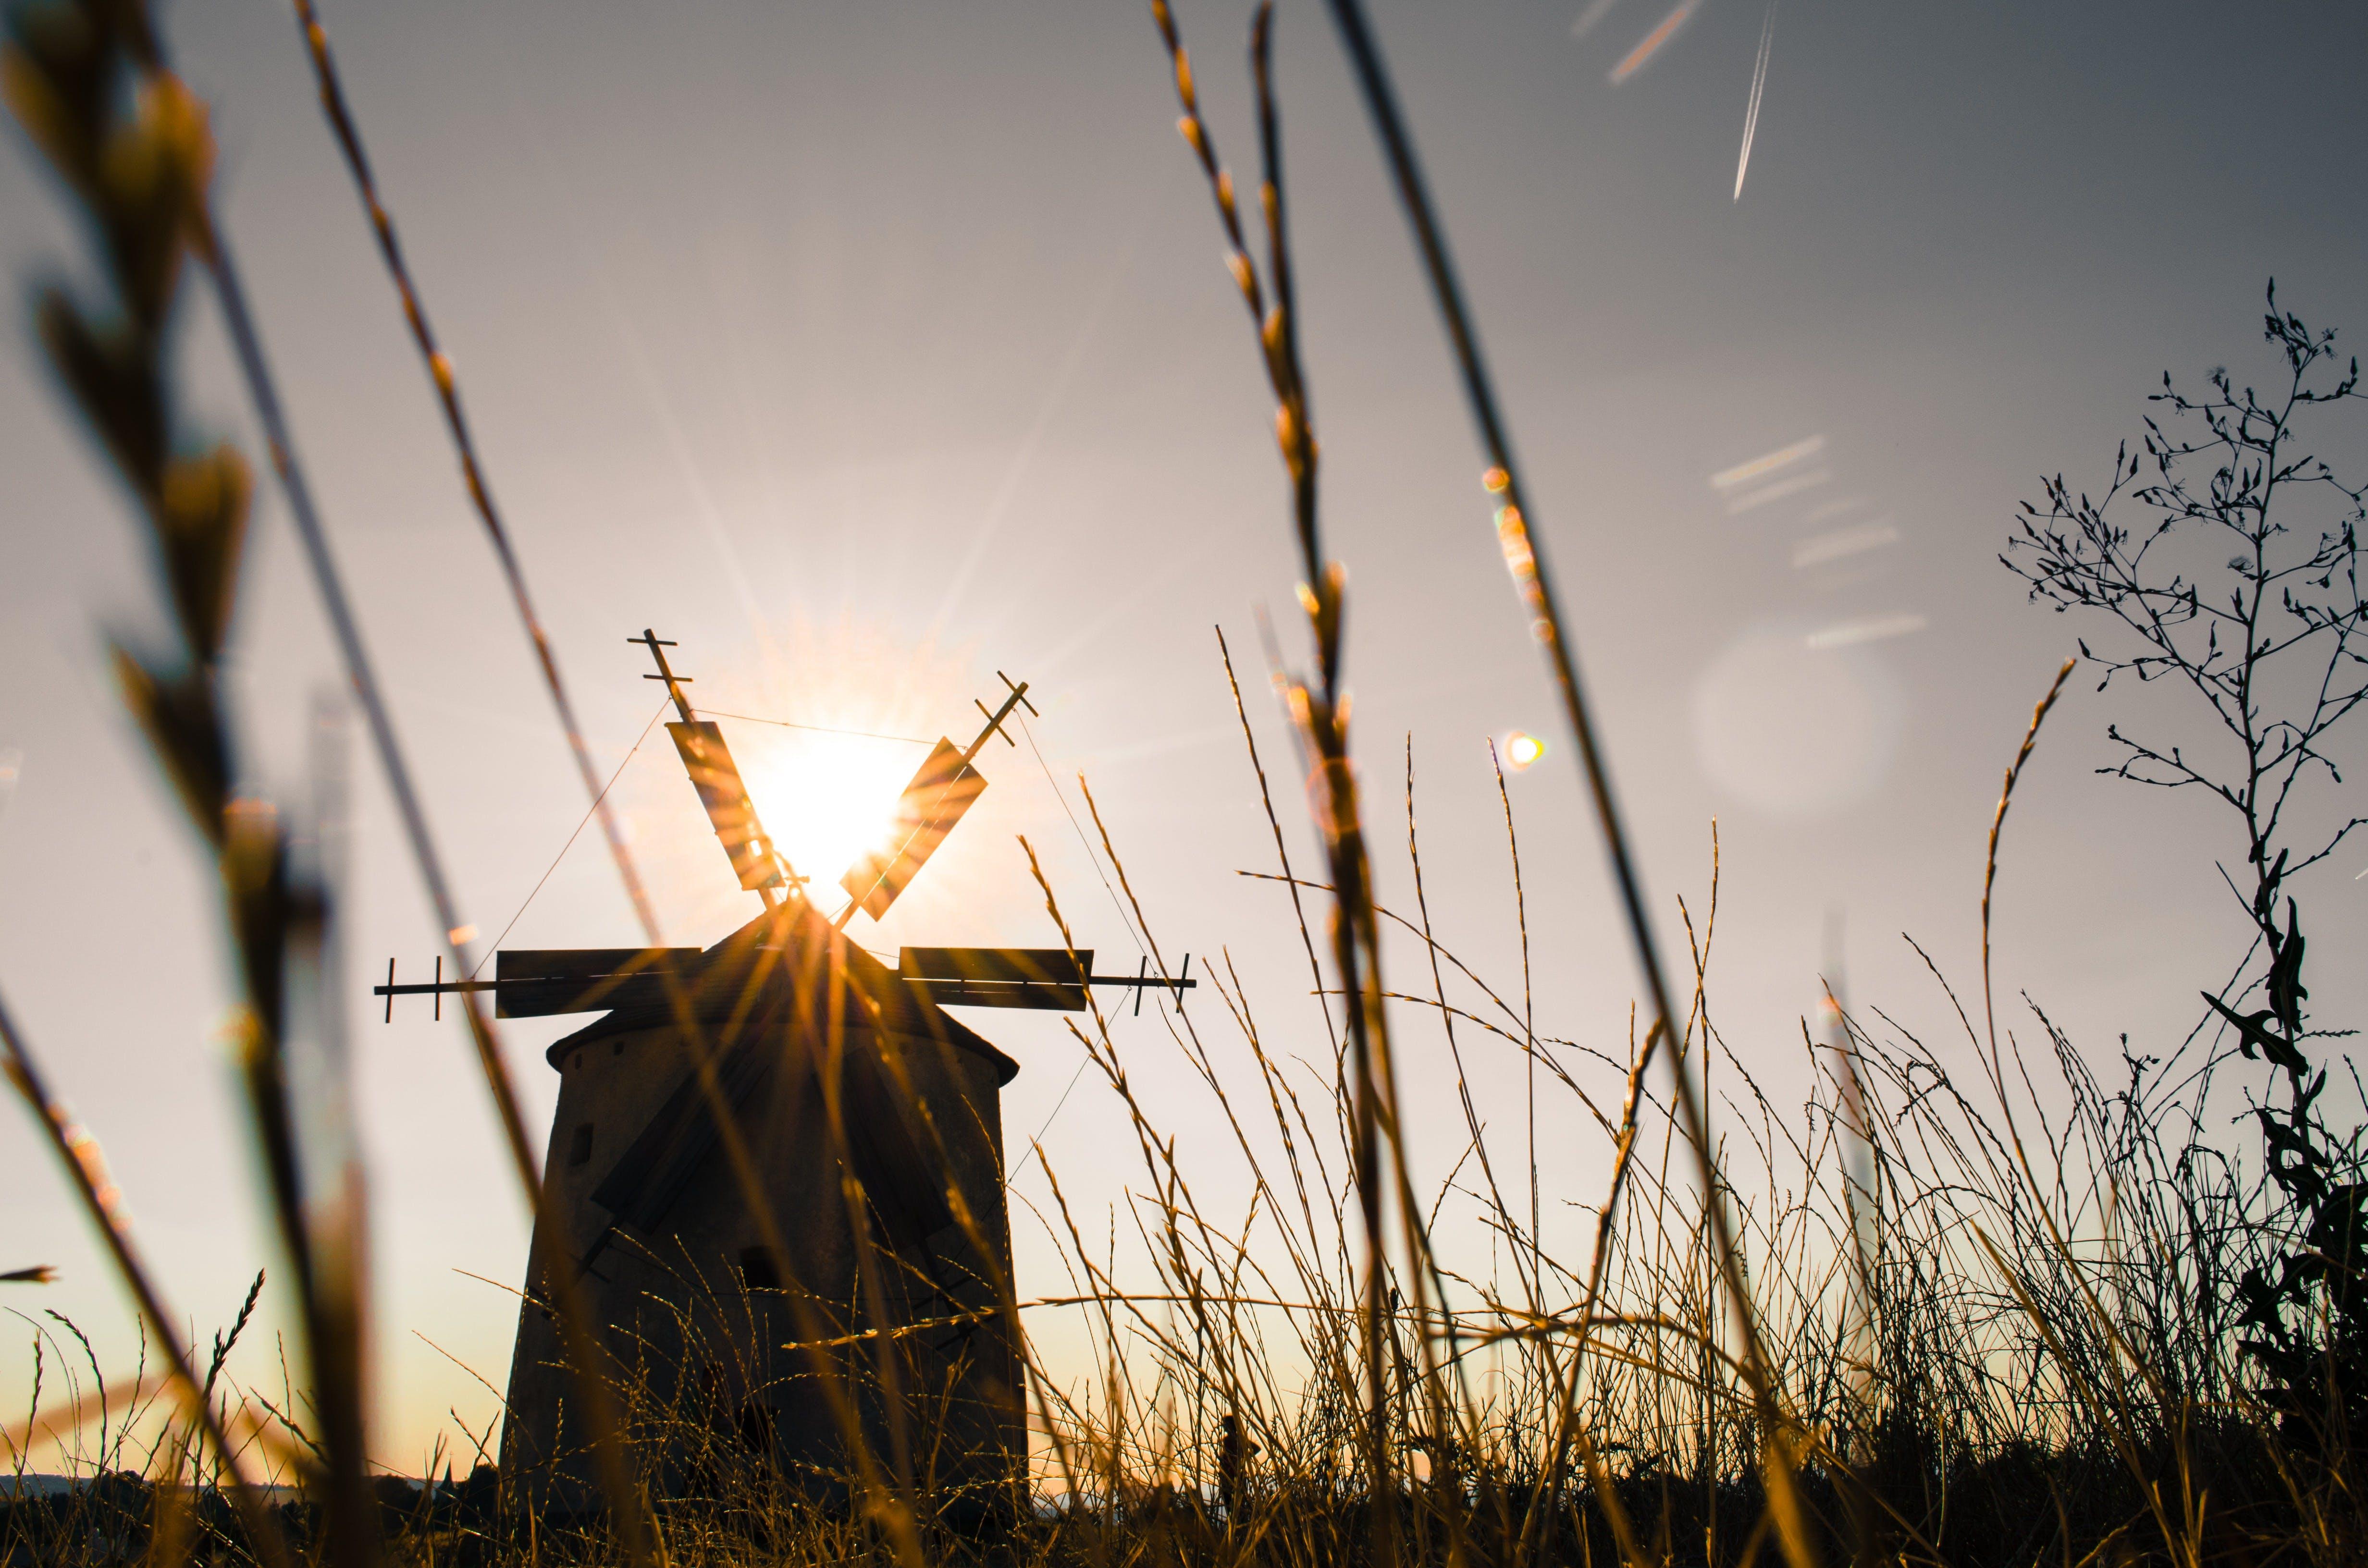 Ảnh lưu trữ miễn phí về cỏ, cối xay gió, góc chụp thấp, tia nắng mặt trời